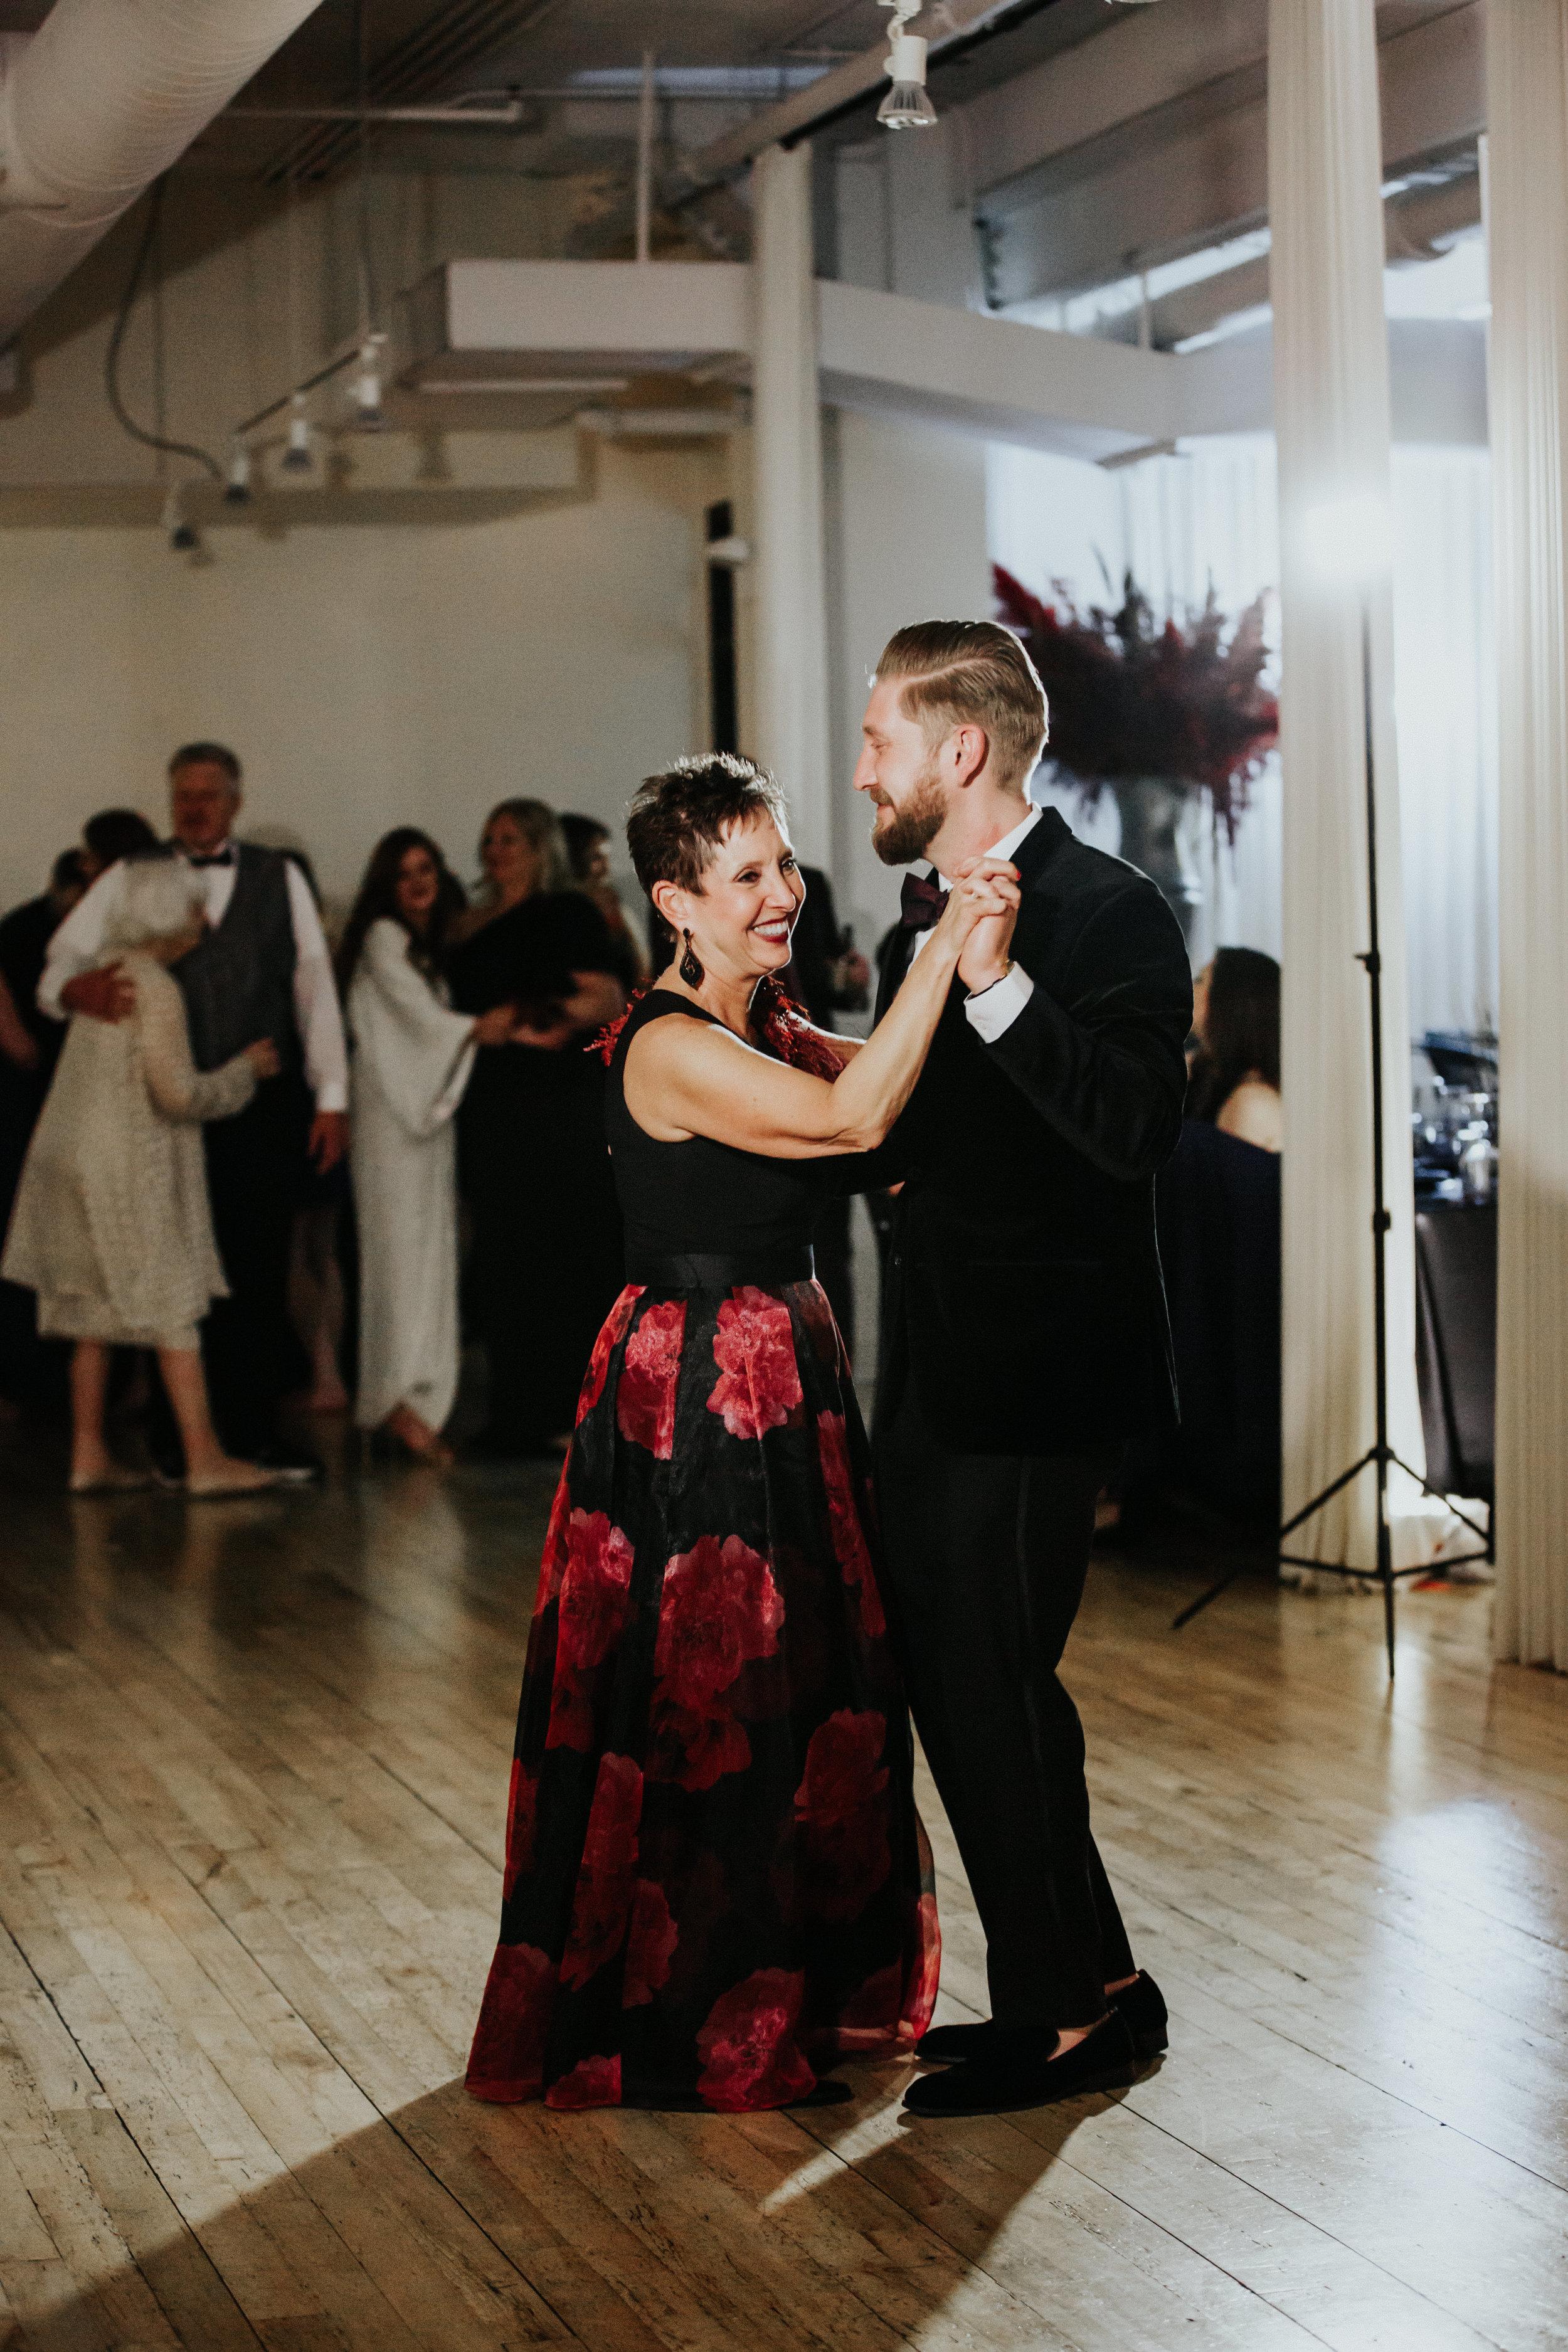 edgy style wedding photographers chicago